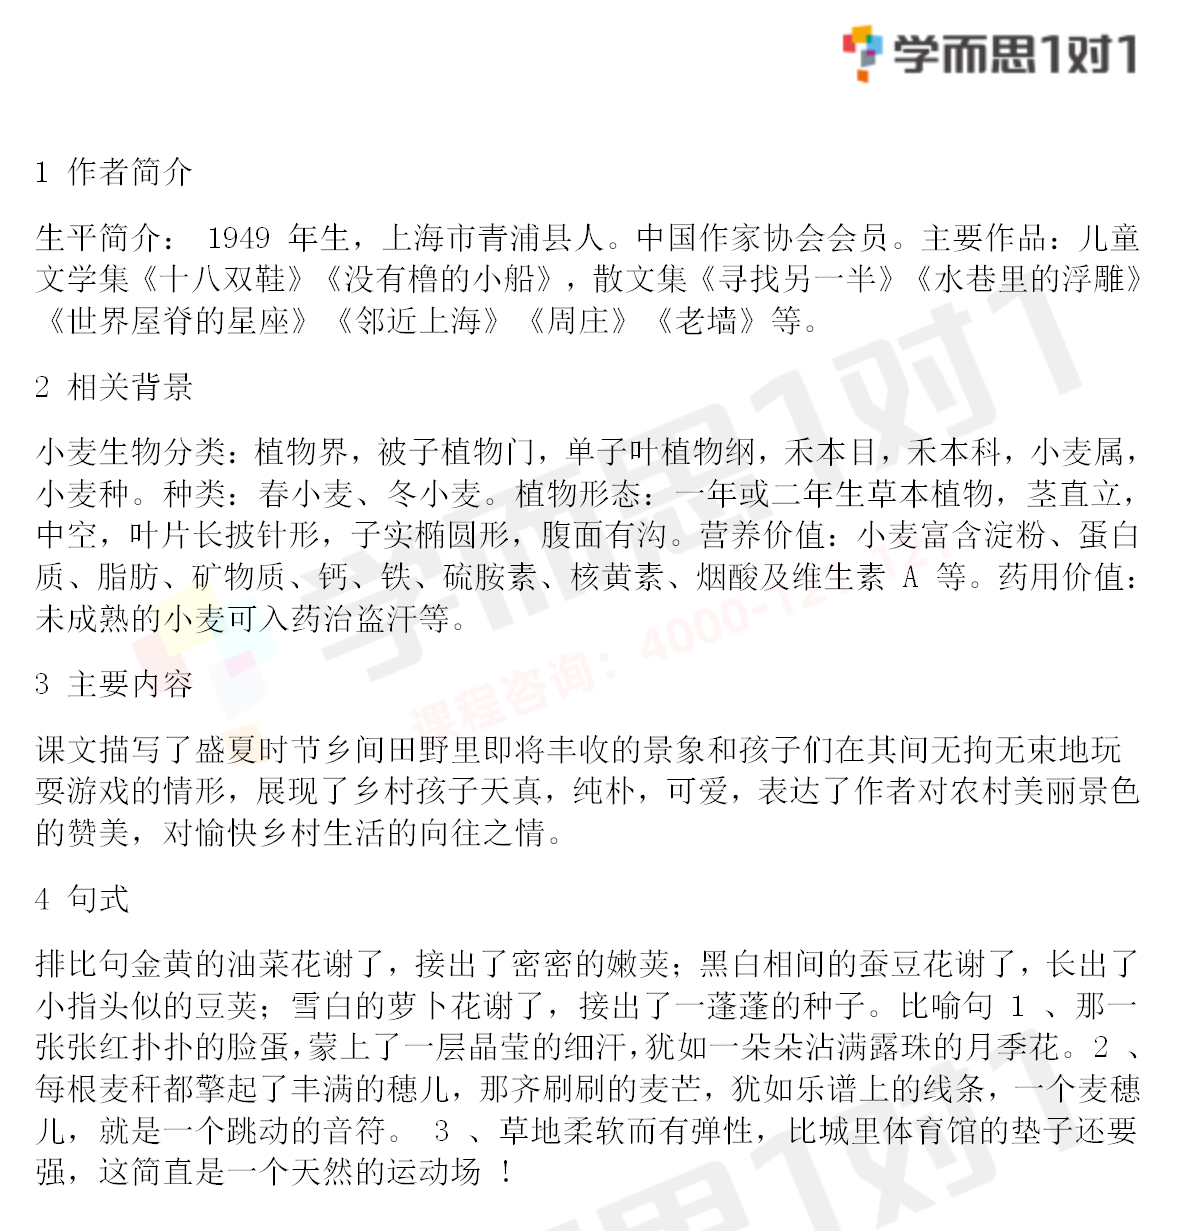 深圳四年级下册语文麦哨知识点